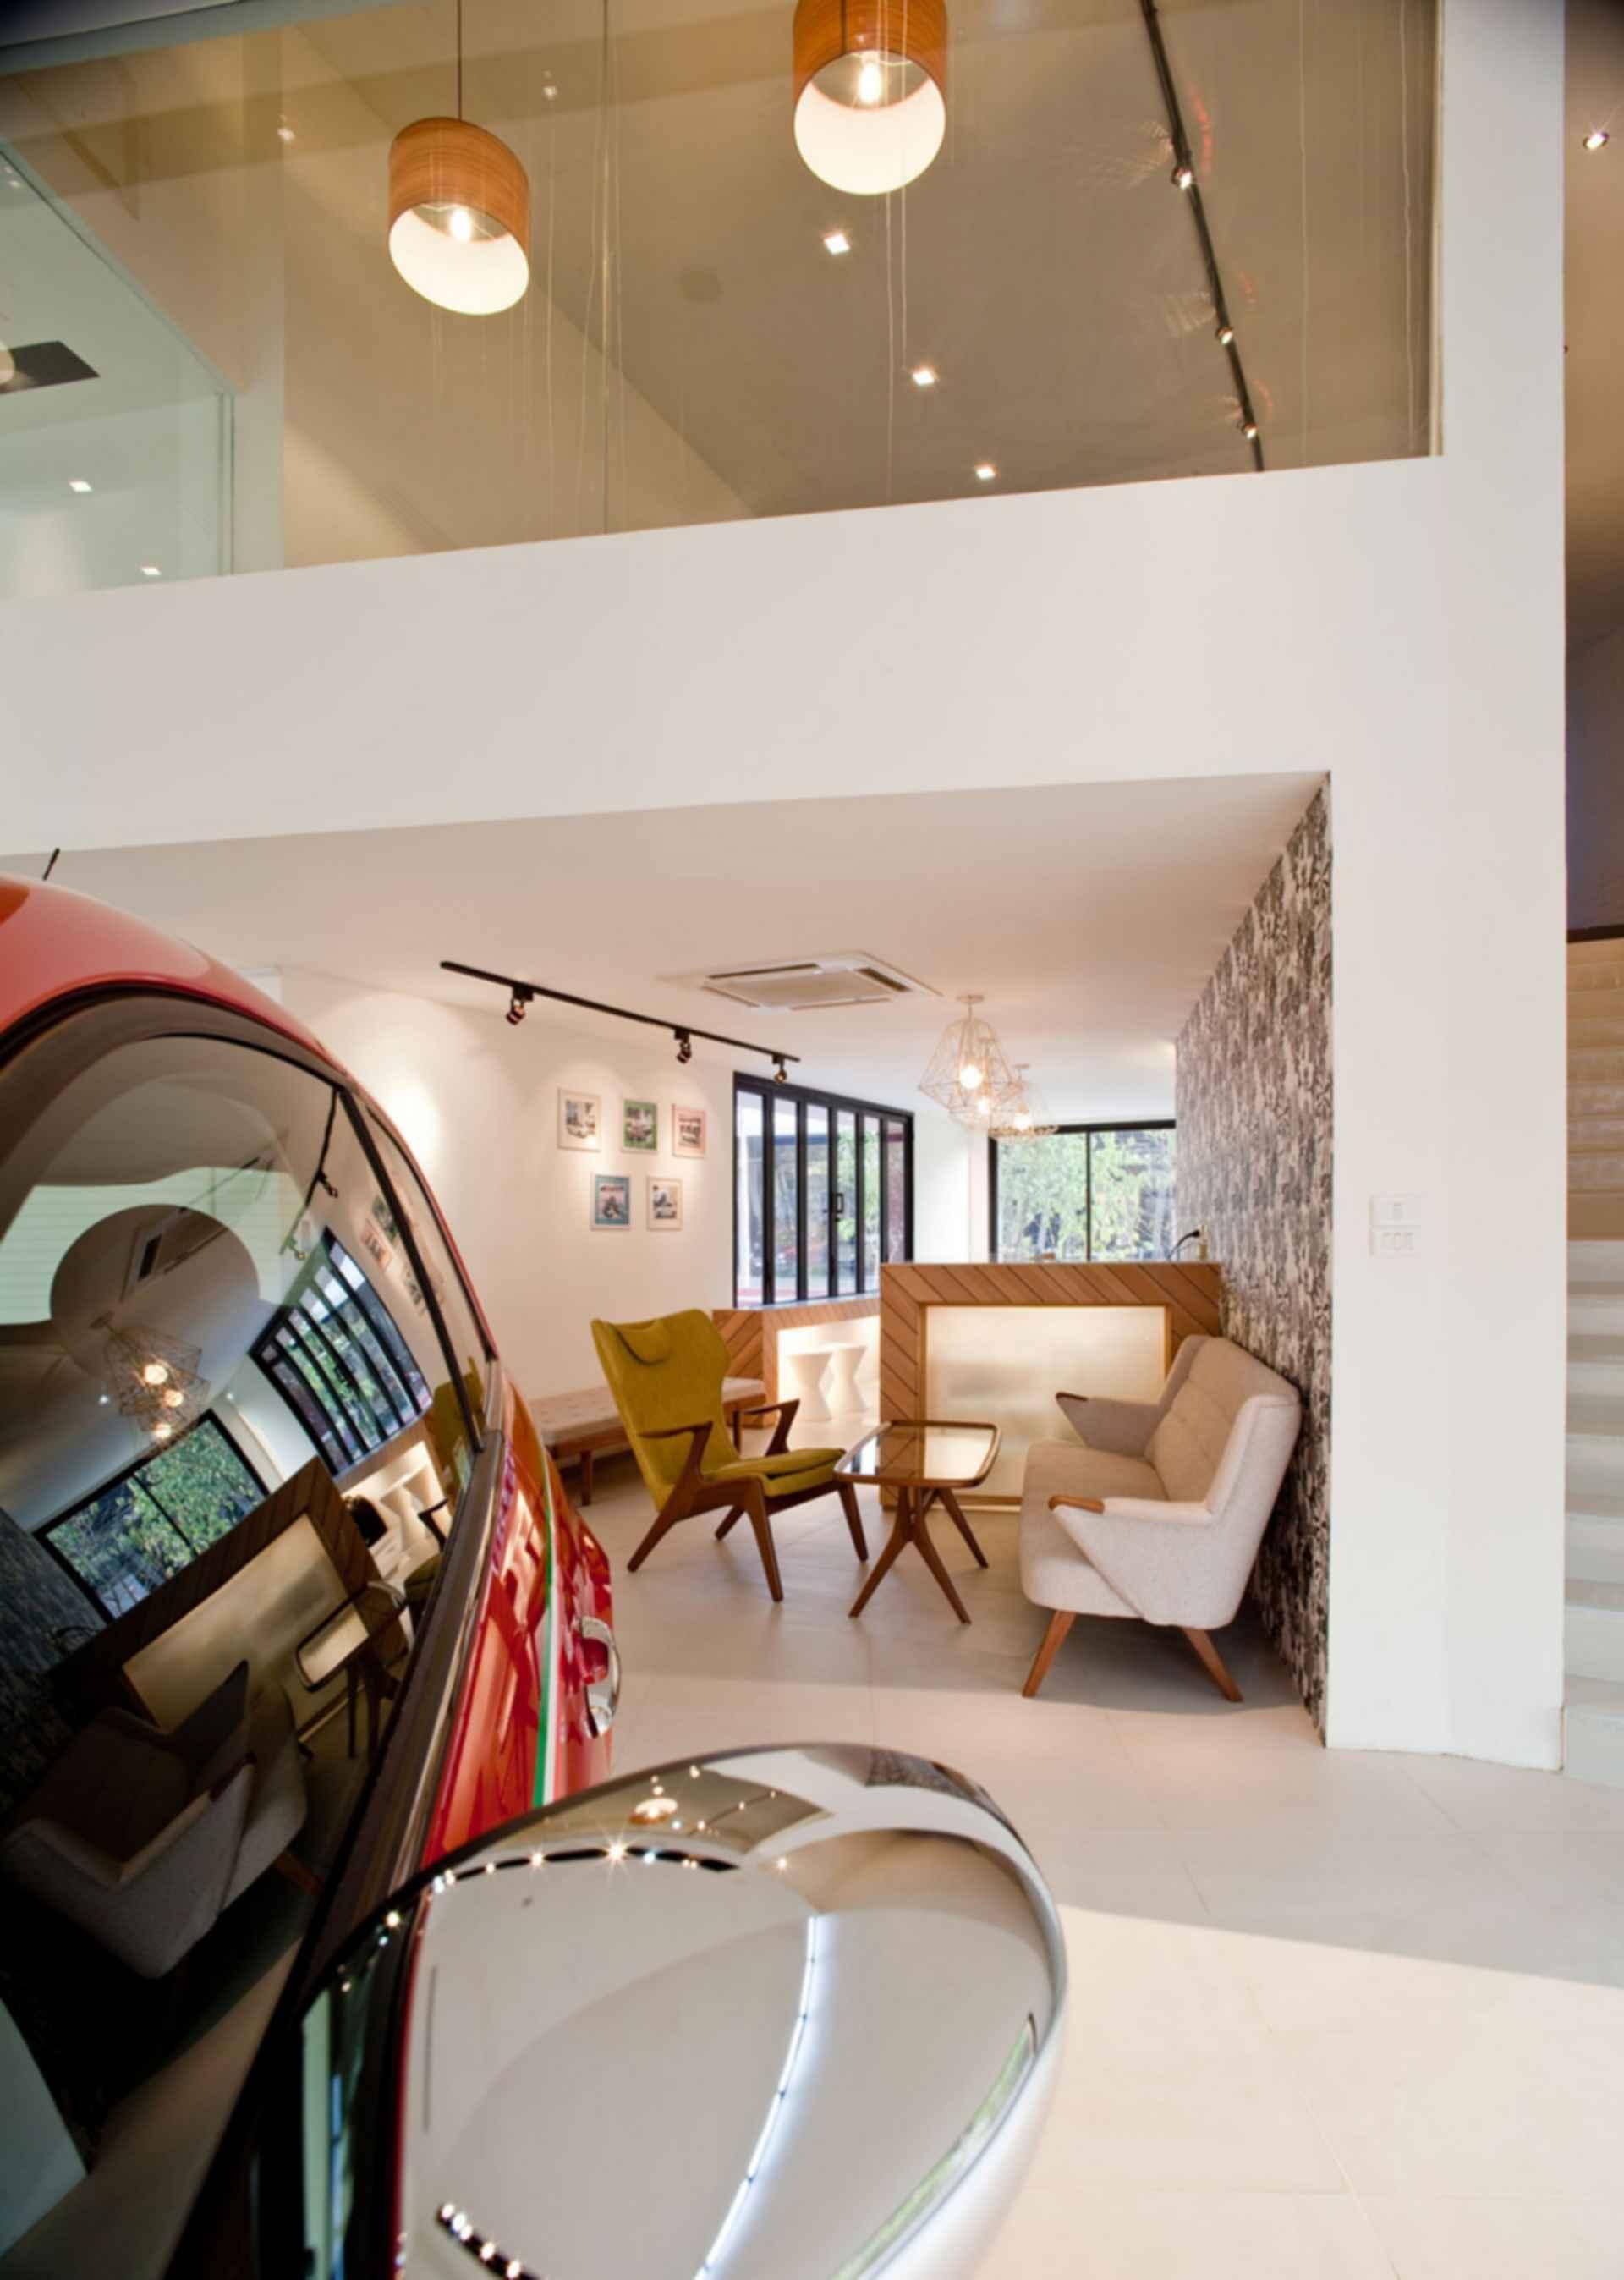 Autostella Showroom - interior